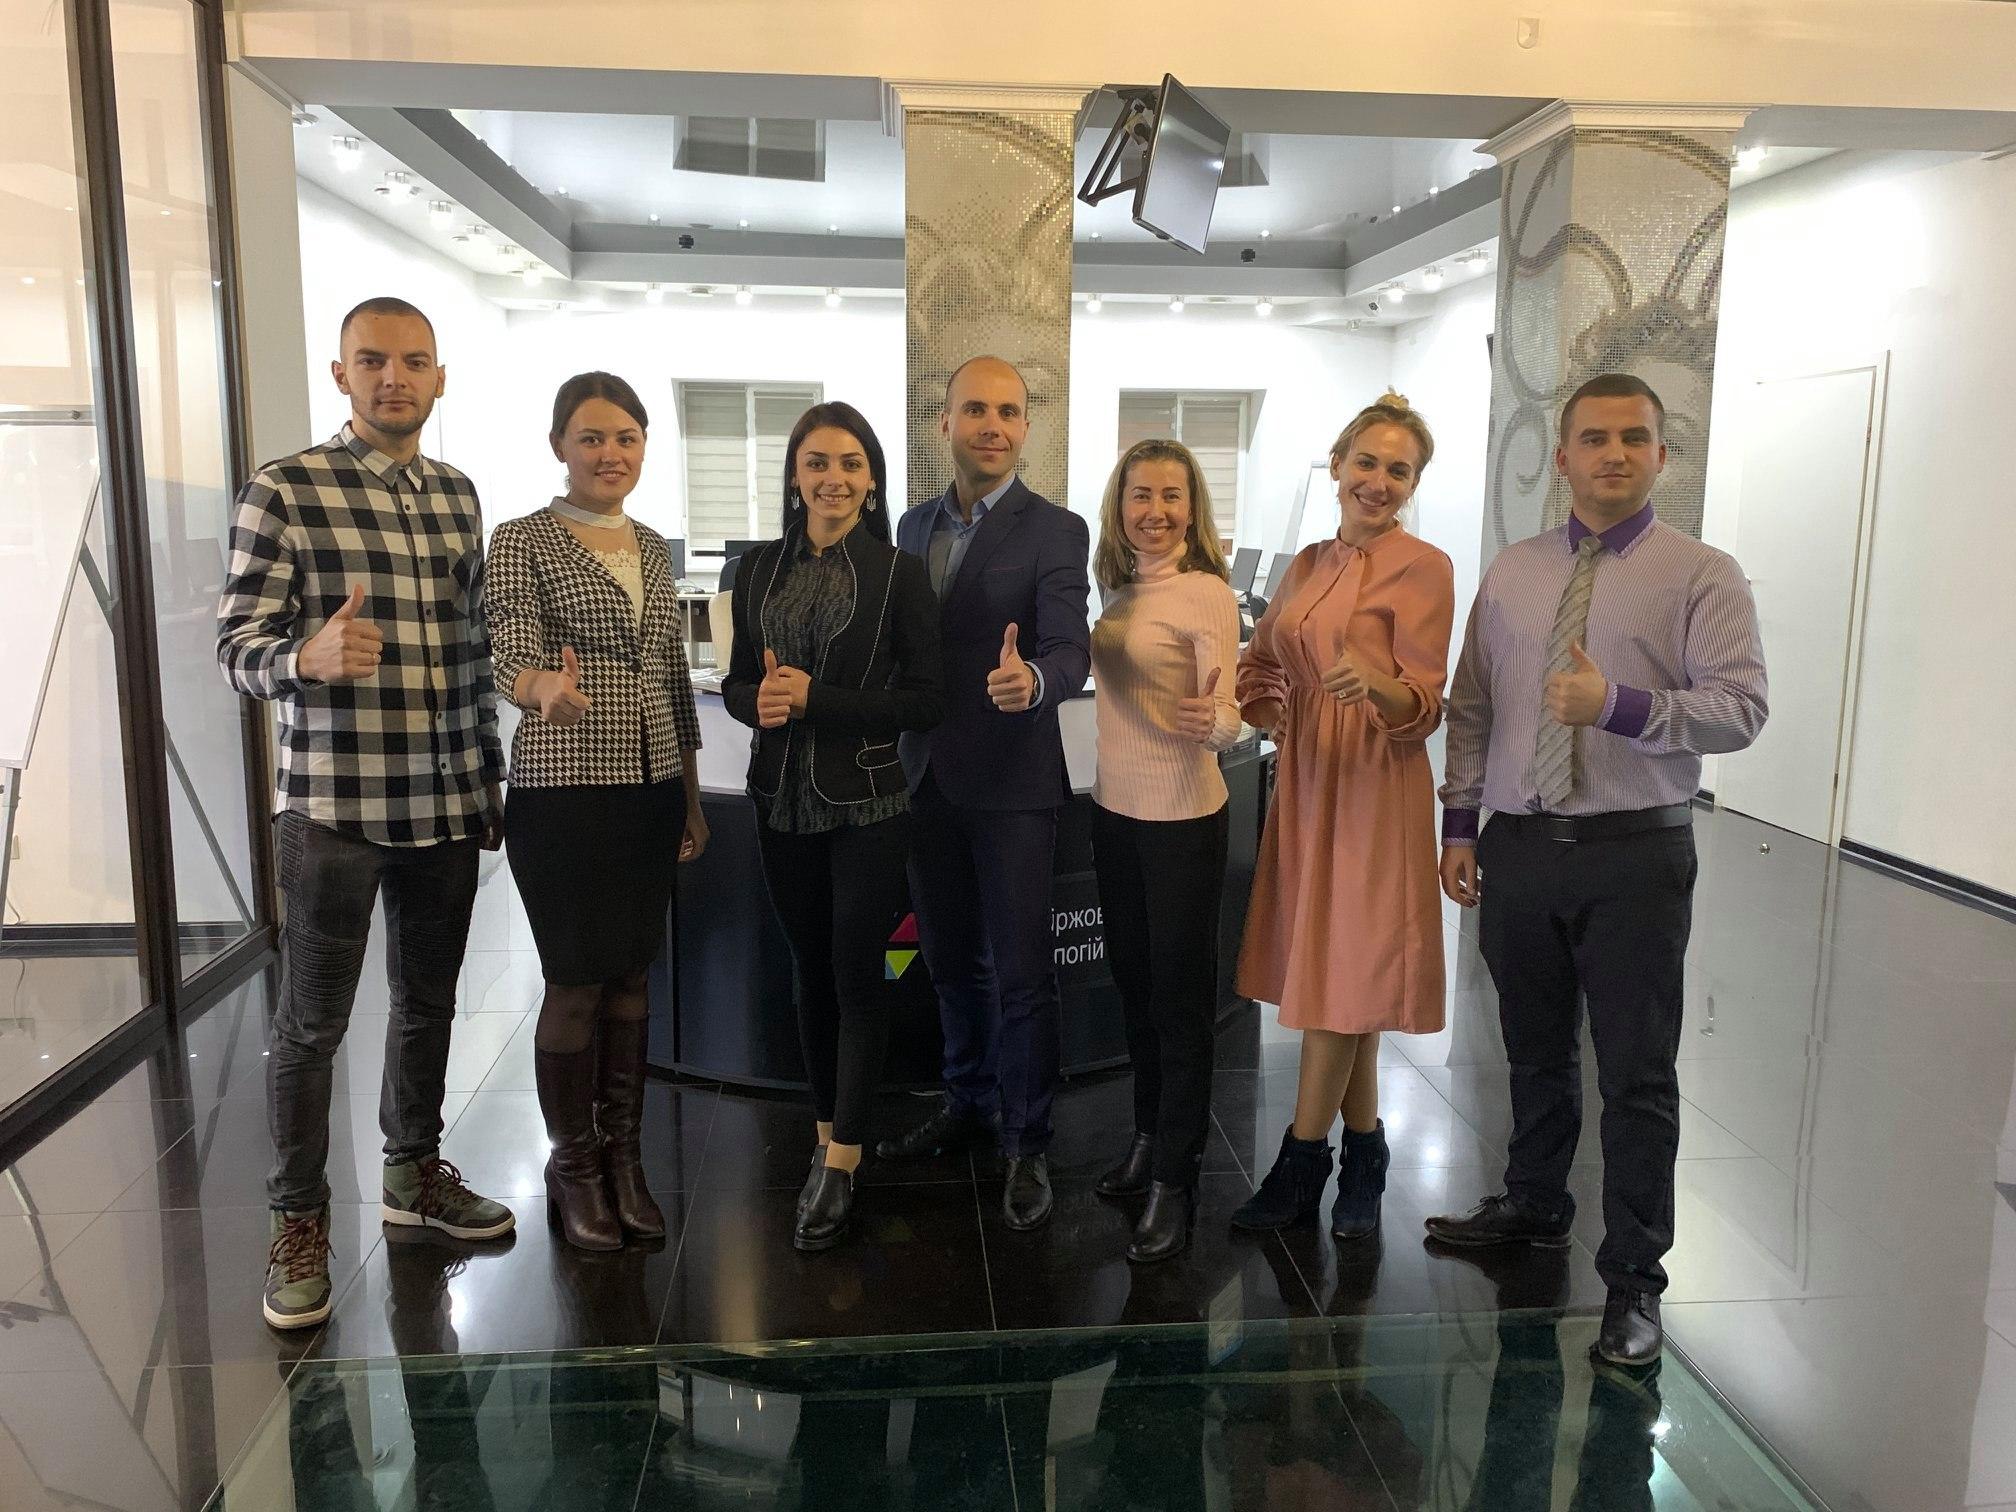 Центр Біржових Технологій міста Чернівці запрошує всіх бажаючих взяти участь в наступних іграх Cash Flow  - фото 1